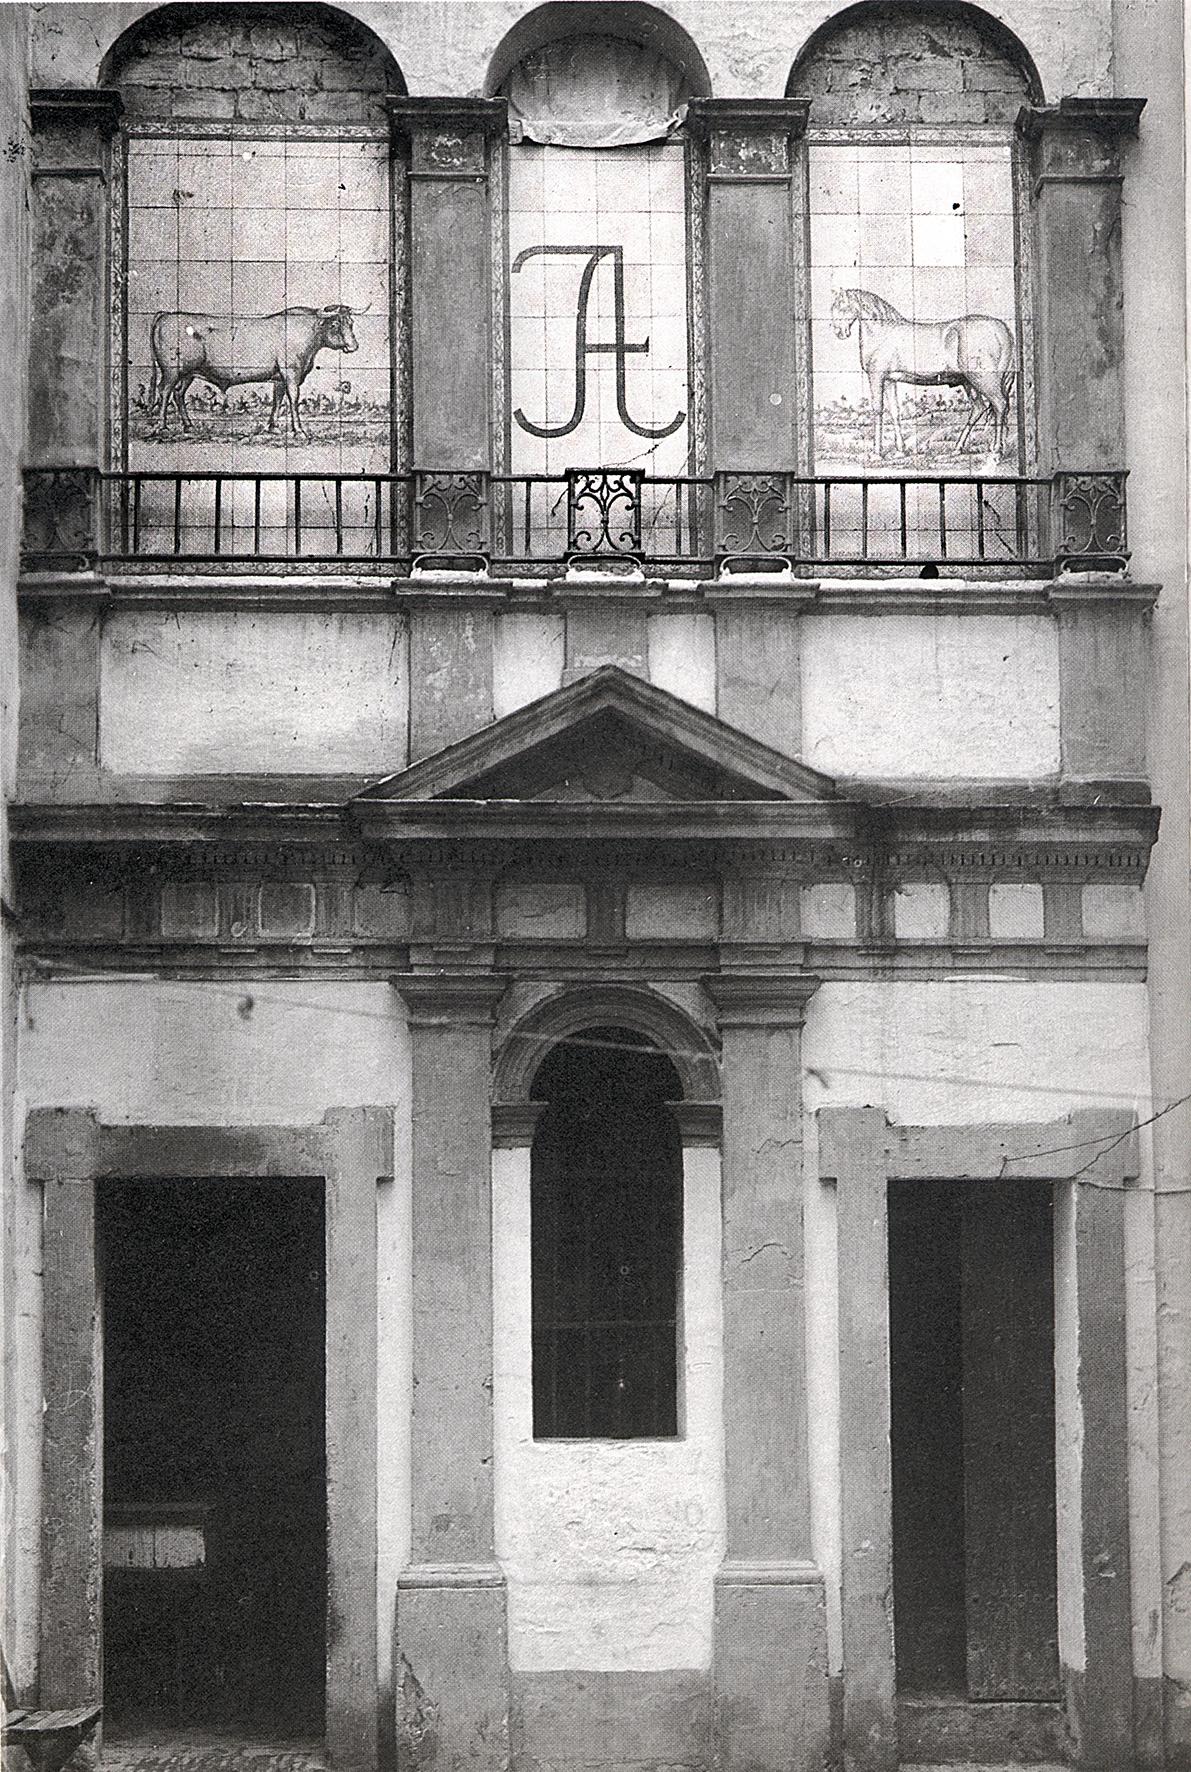 Fotografía de los azulejos del patinillo con un toro, el hierro de la ganadería y un caballo, anterior a la rehabilitación de la vivienda en 1976 por Luis Marín de Terán (fuente: Arquitectura Civil Sevillana)